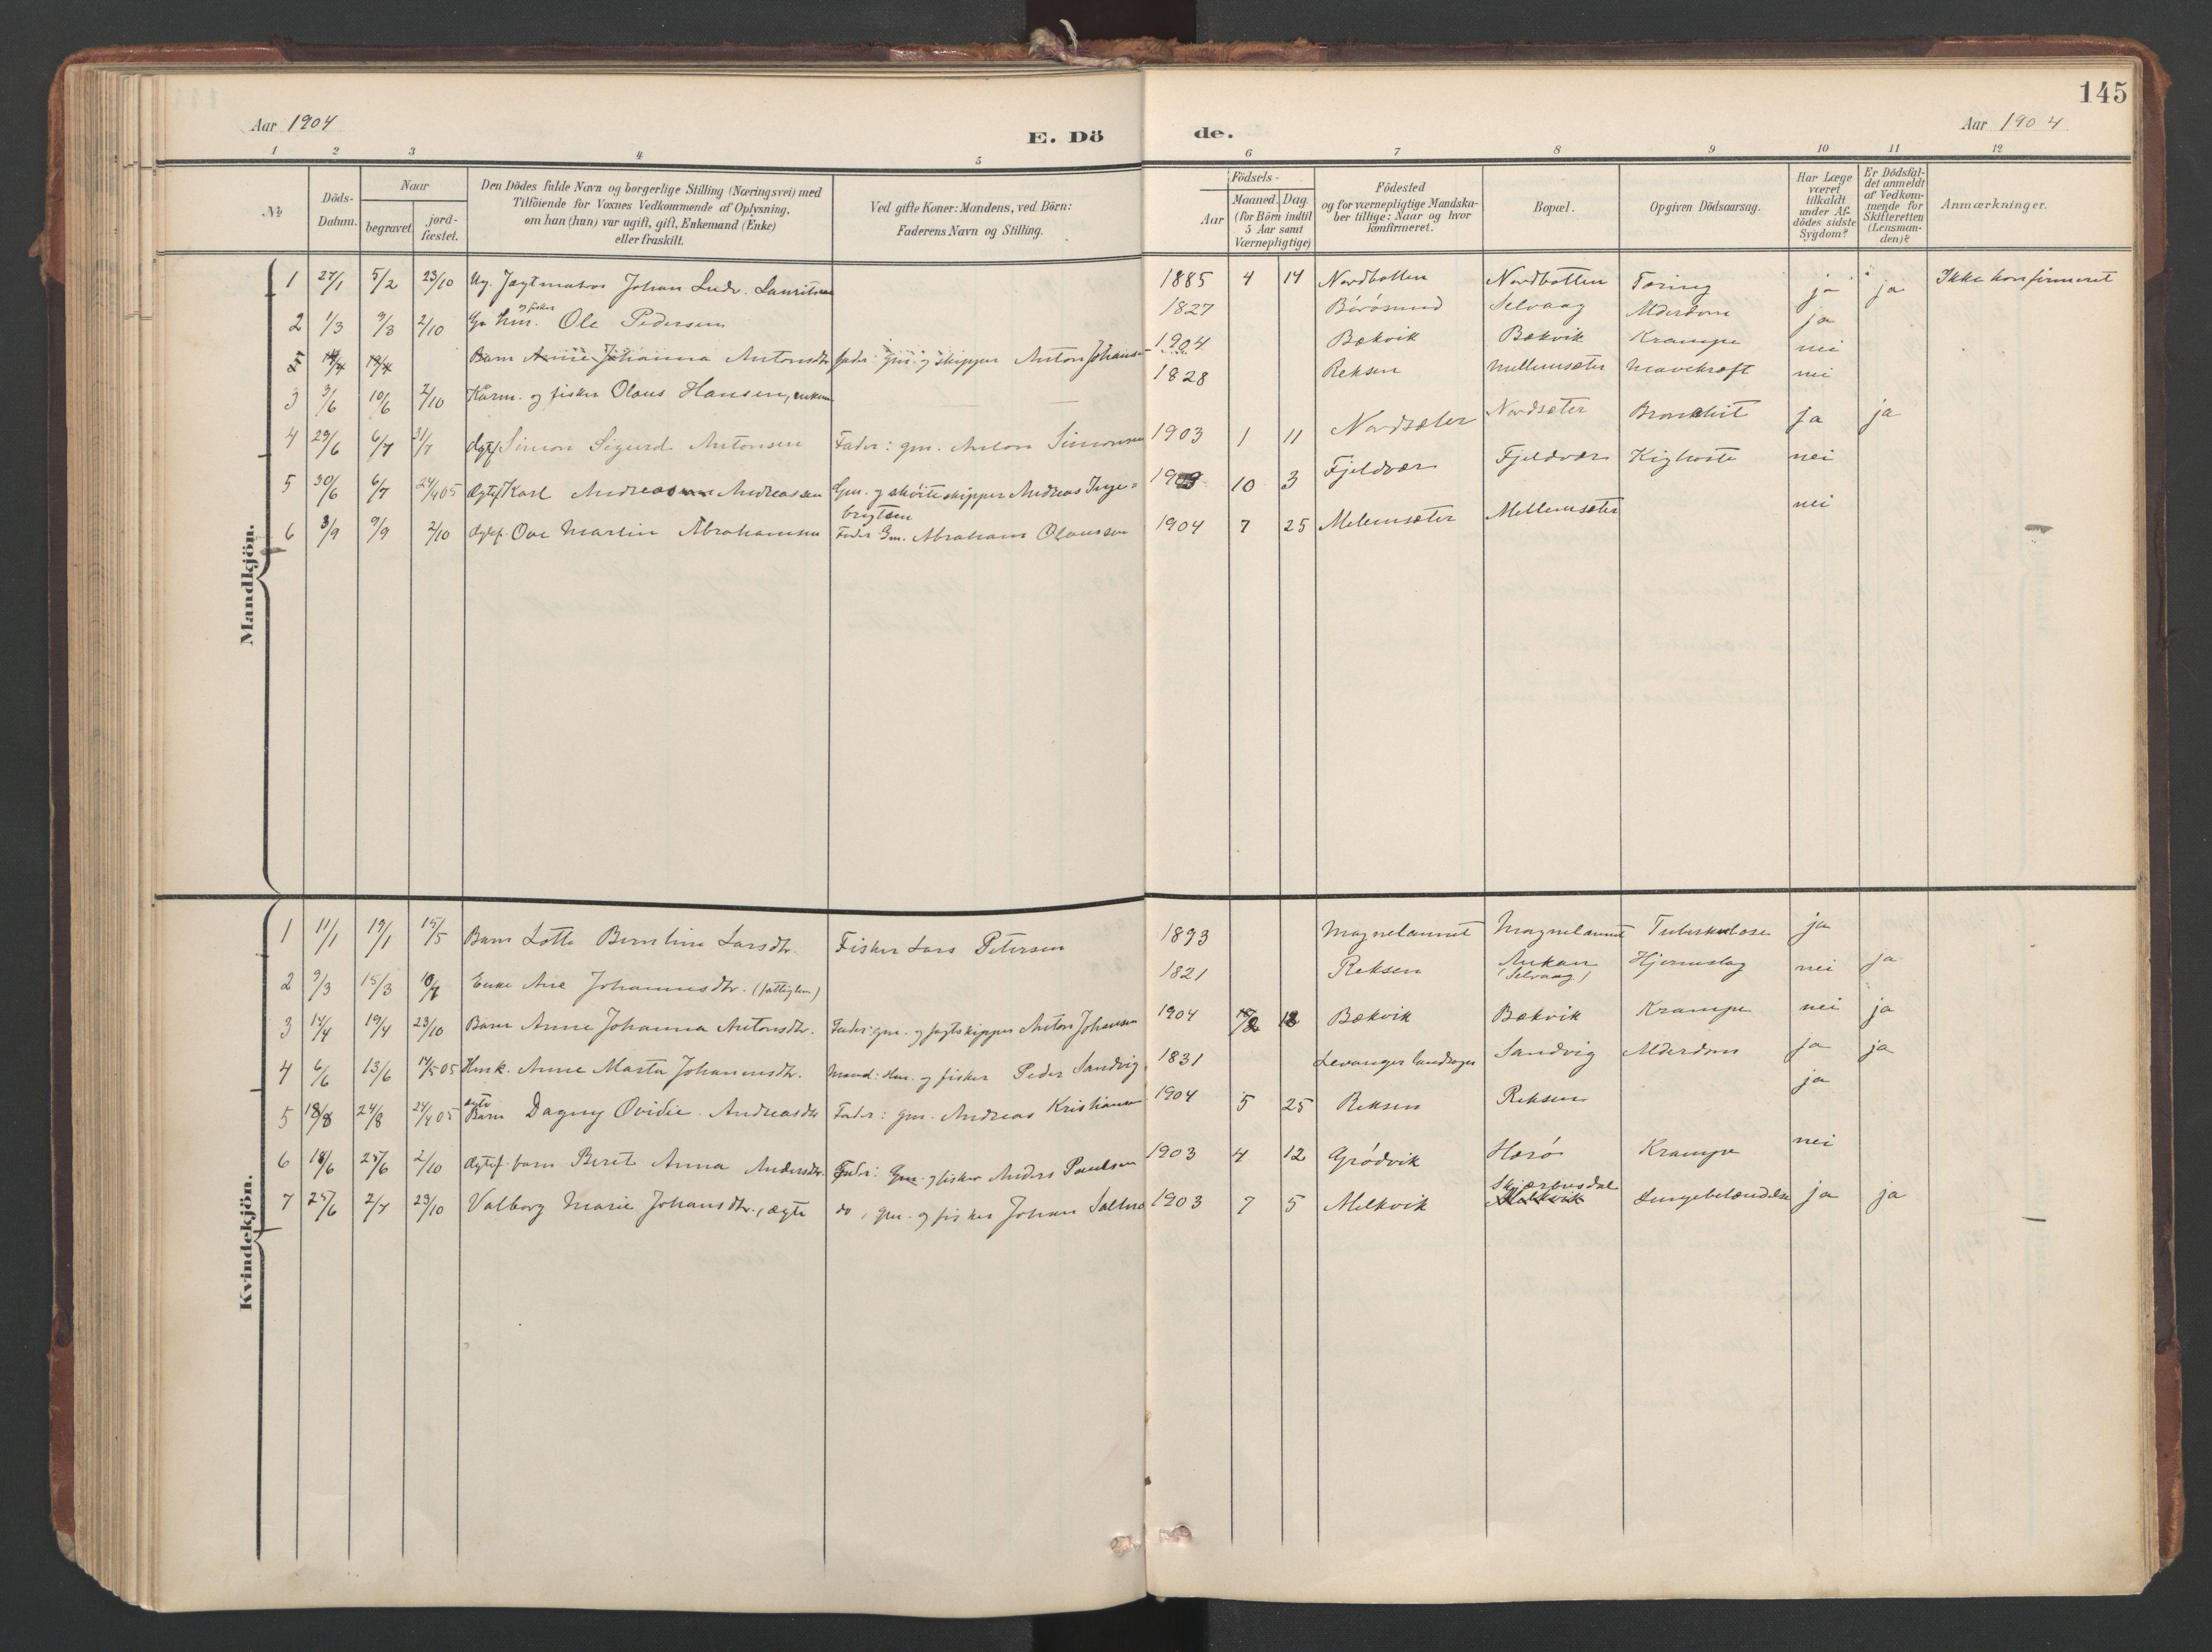 SAT, Ministerialprotokoller, klokkerbøker og fødselsregistre - Sør-Trøndelag, 638/L0568: Ministerialbok nr. 638A01, 1901-1916, s. 145